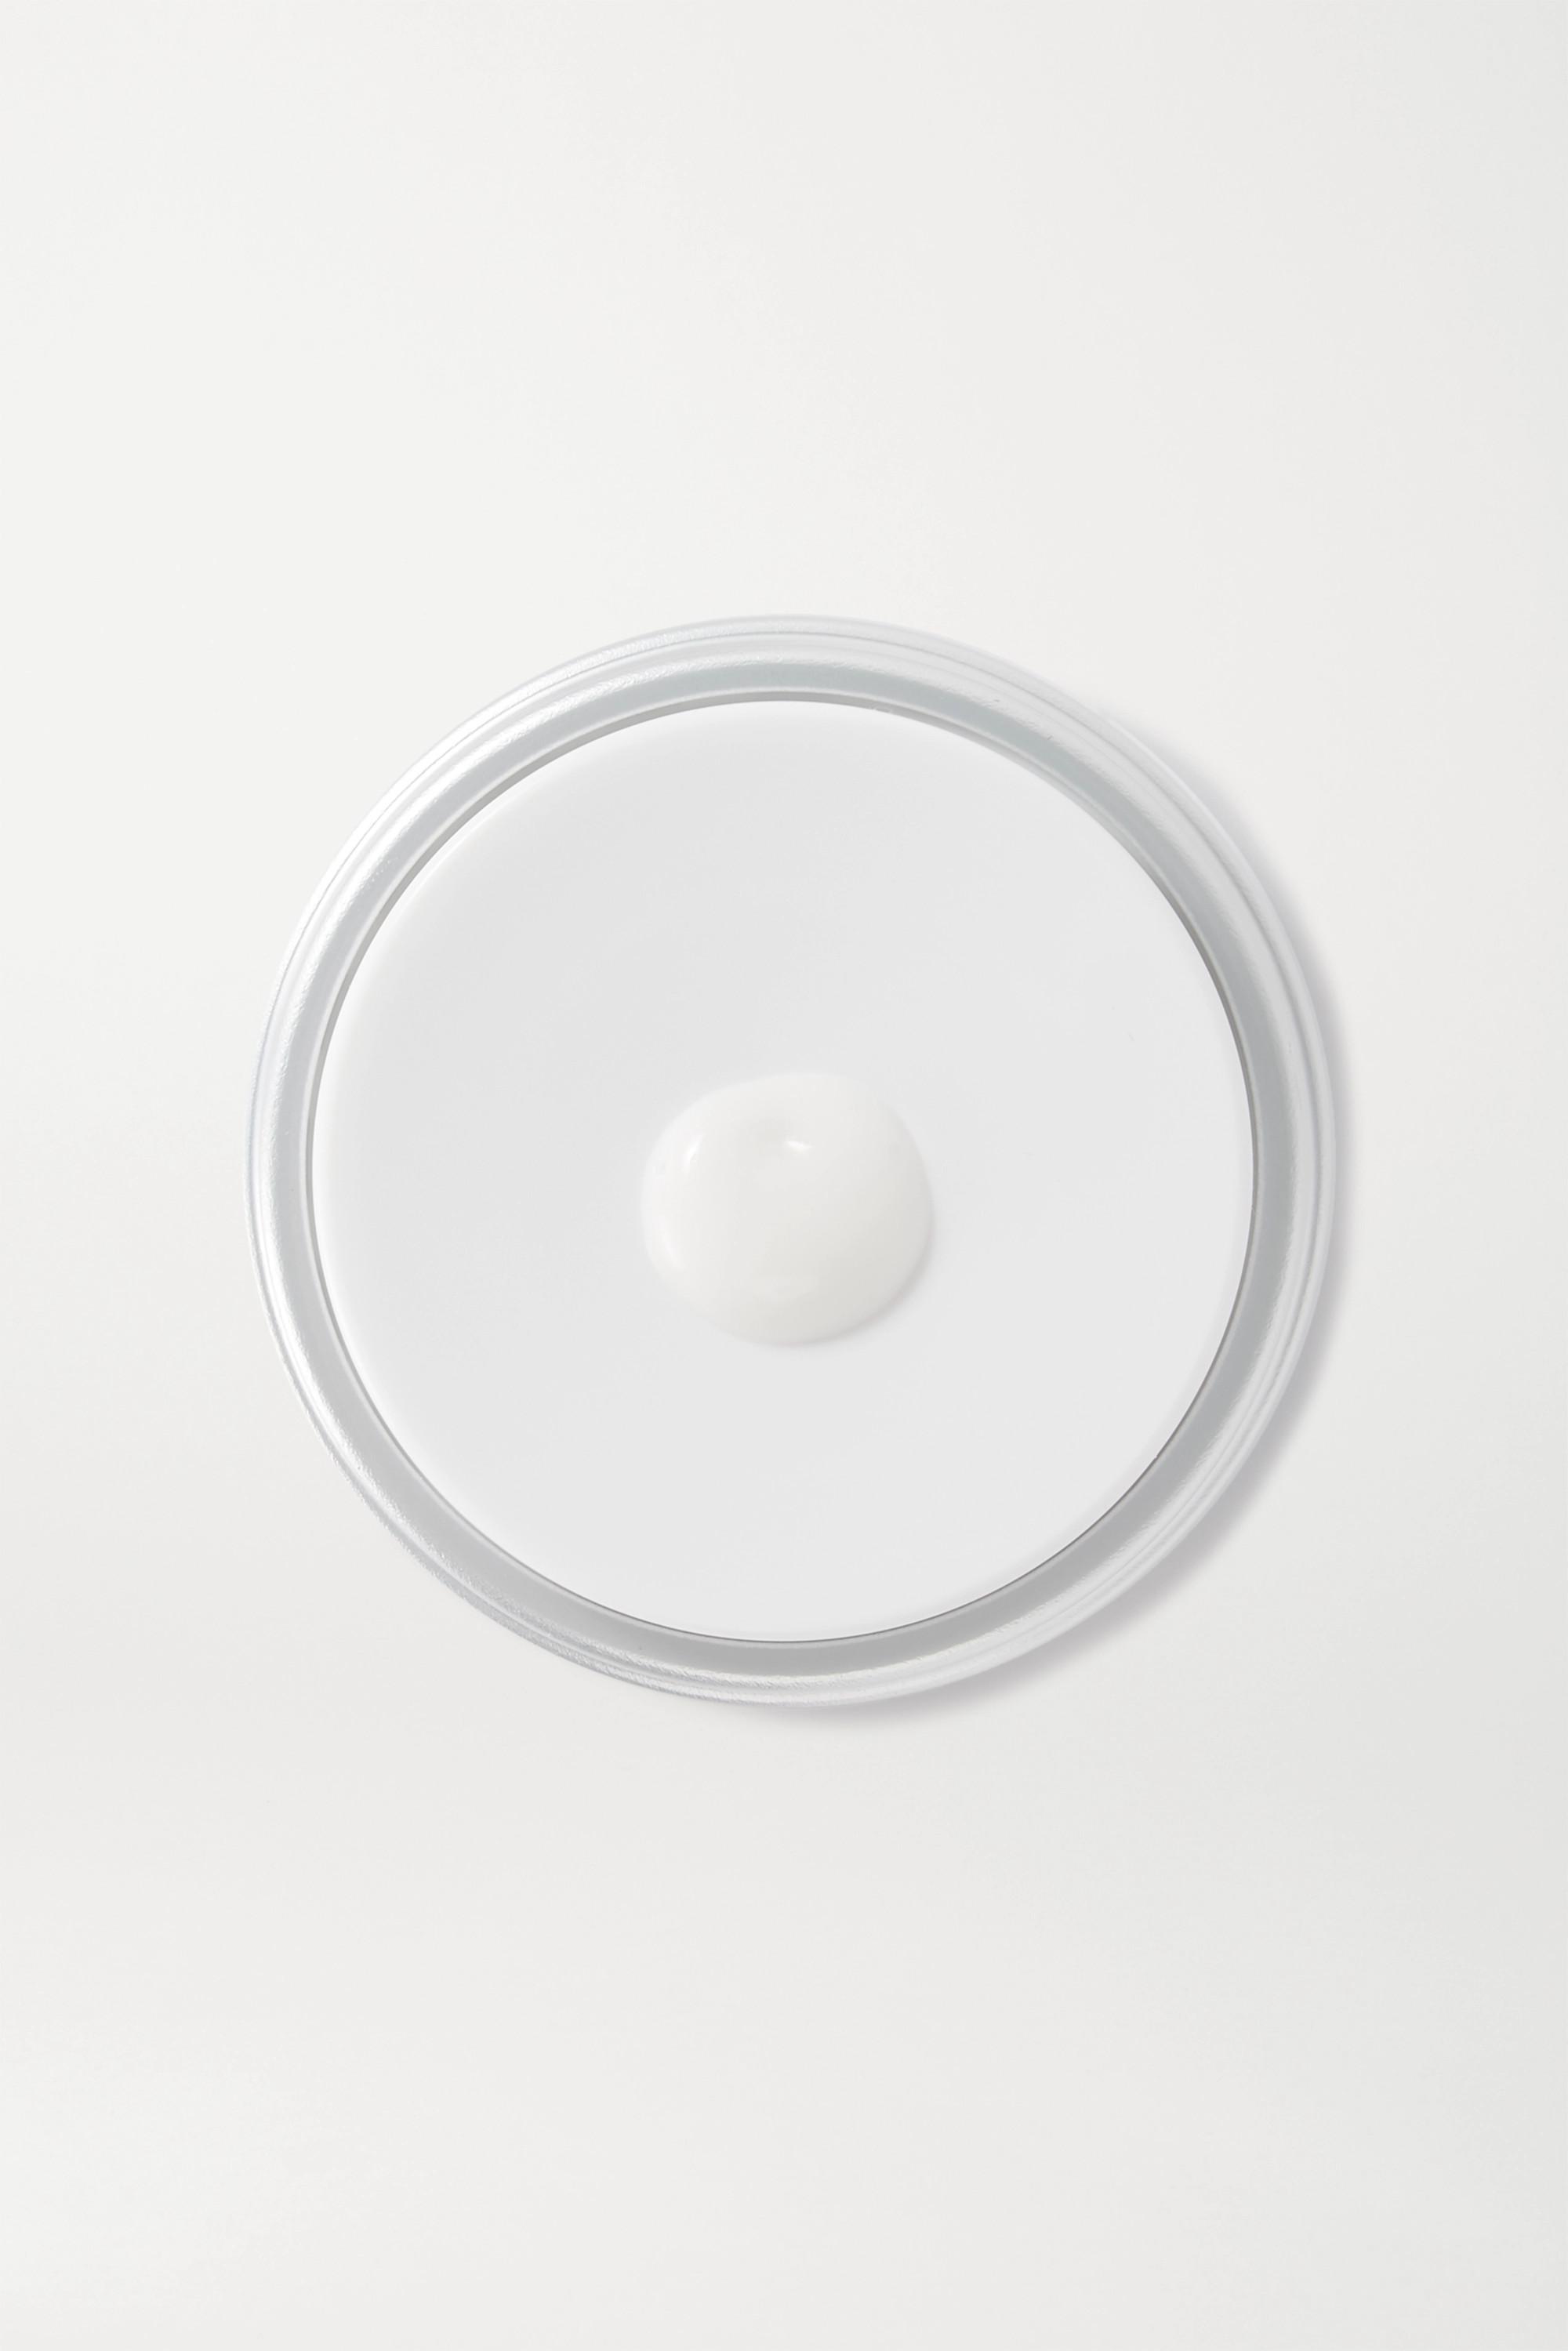 Kate Somerville Goat Milk Moisturizing Cream, 50ml